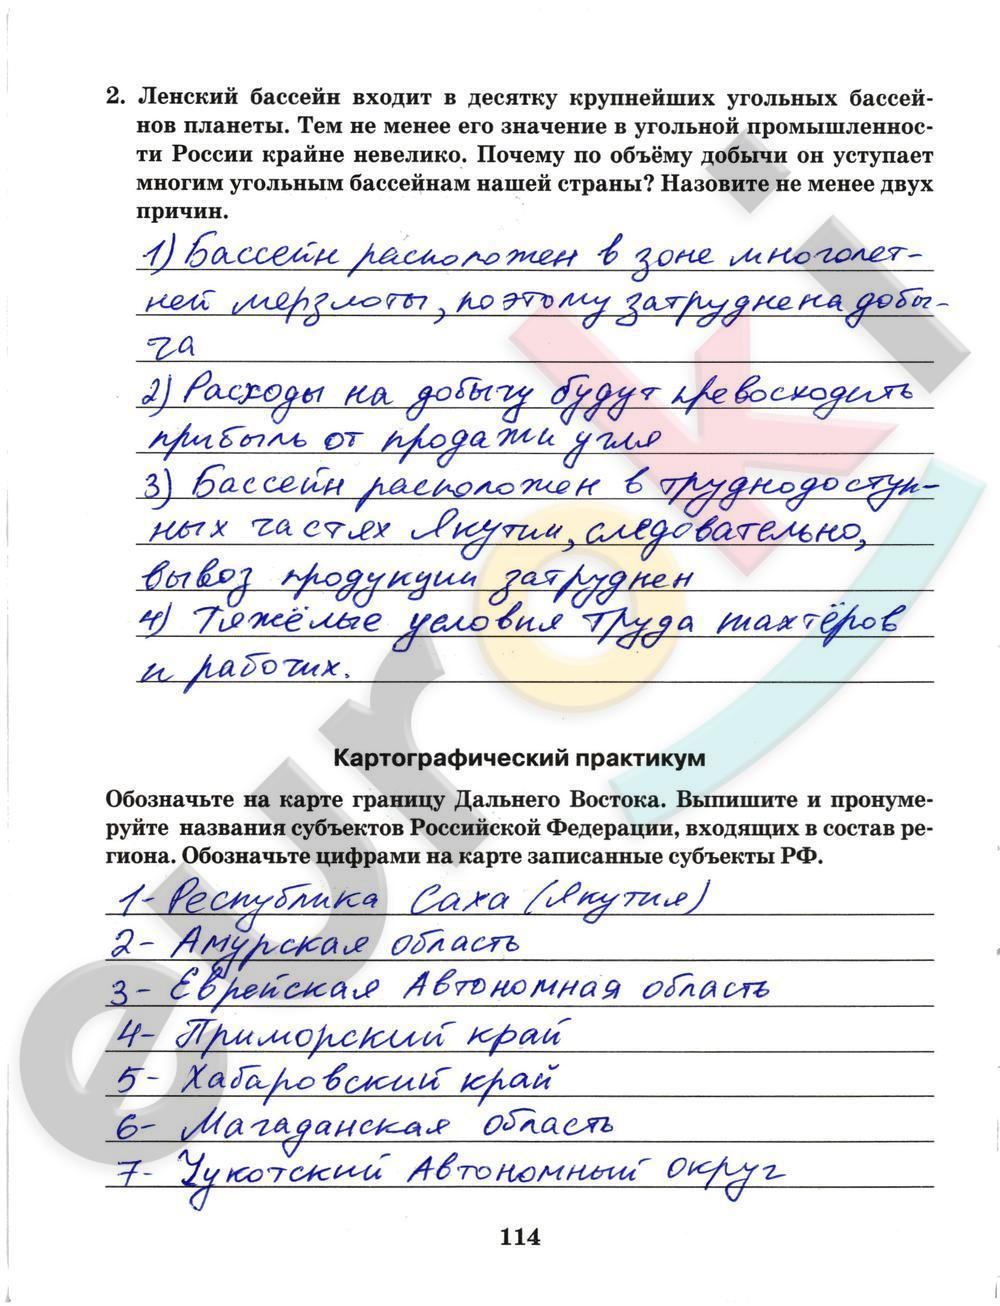 ГДЗ по географии 9 класс рабочая тетрадь Домогацких Часть 1, 2. Задание: стр. 114